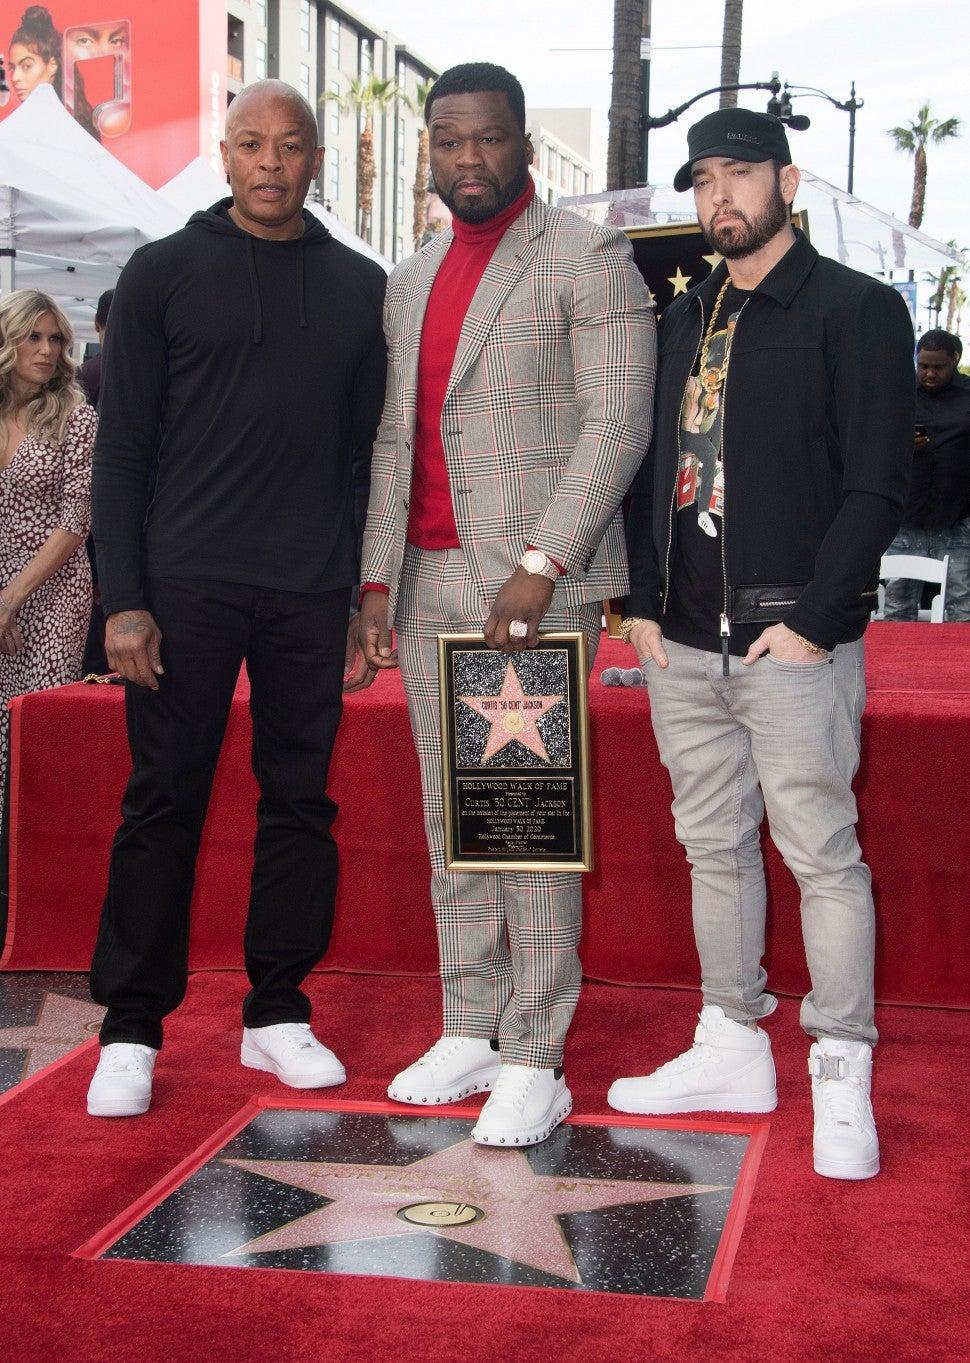 Dr Dre Eminem 50 Cent Walk of Fame